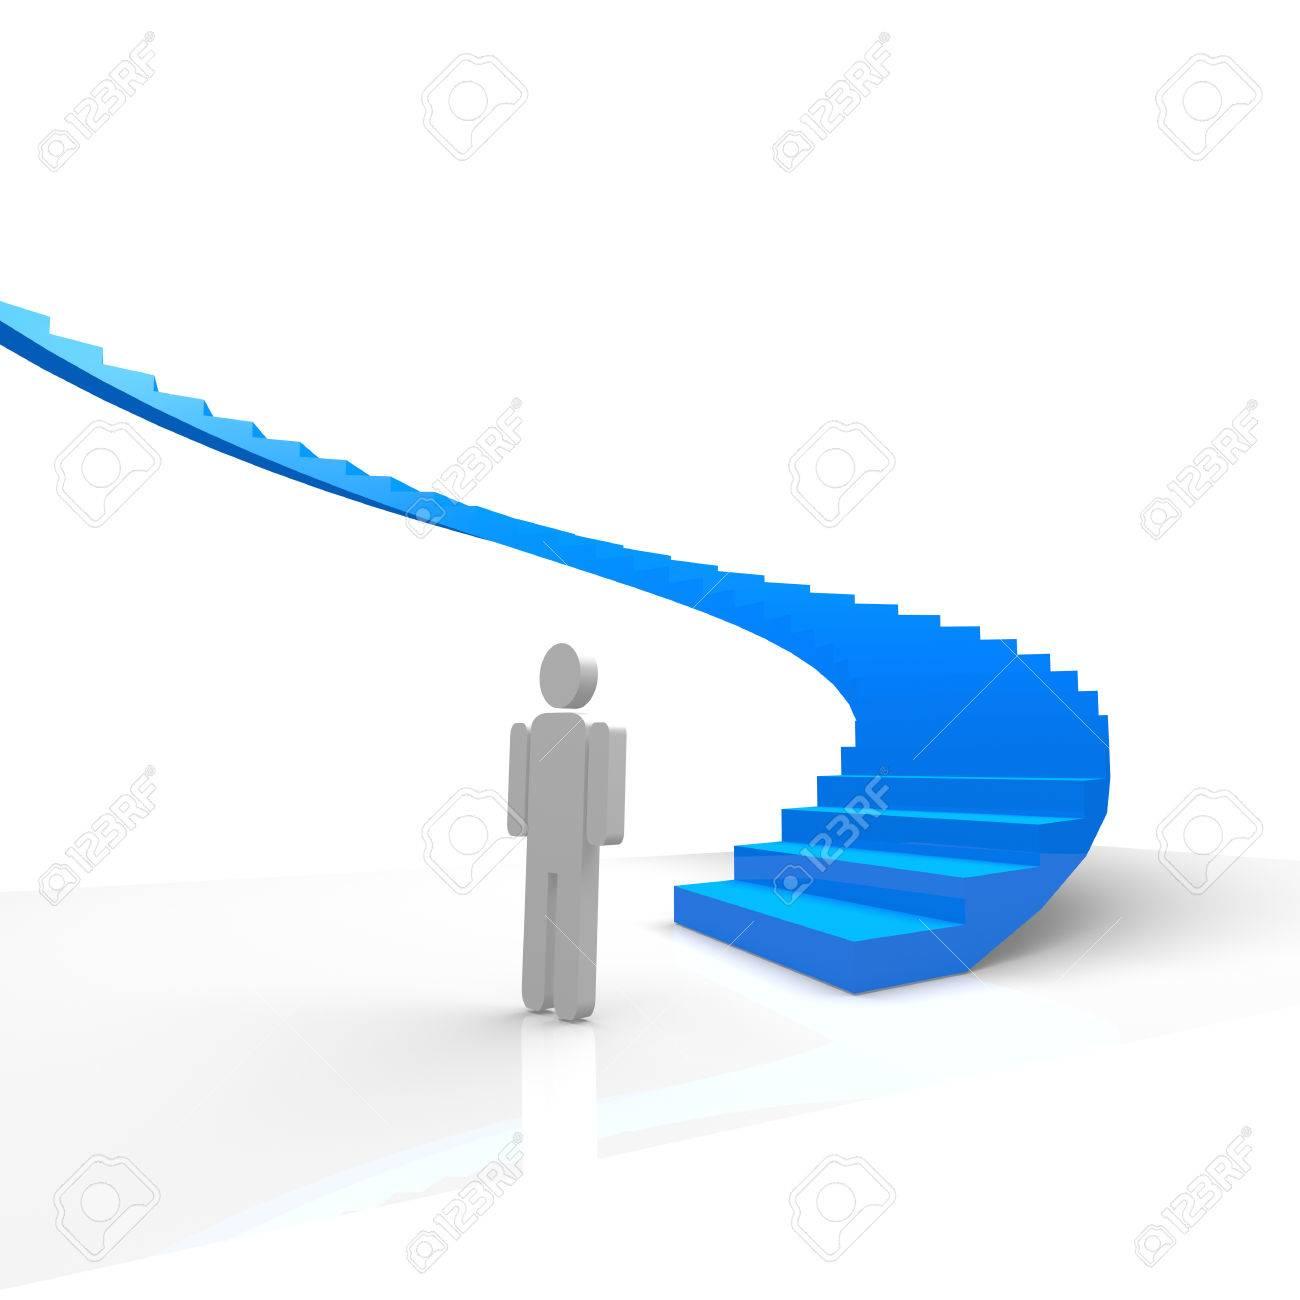 stairs Stock Photo - 22845884